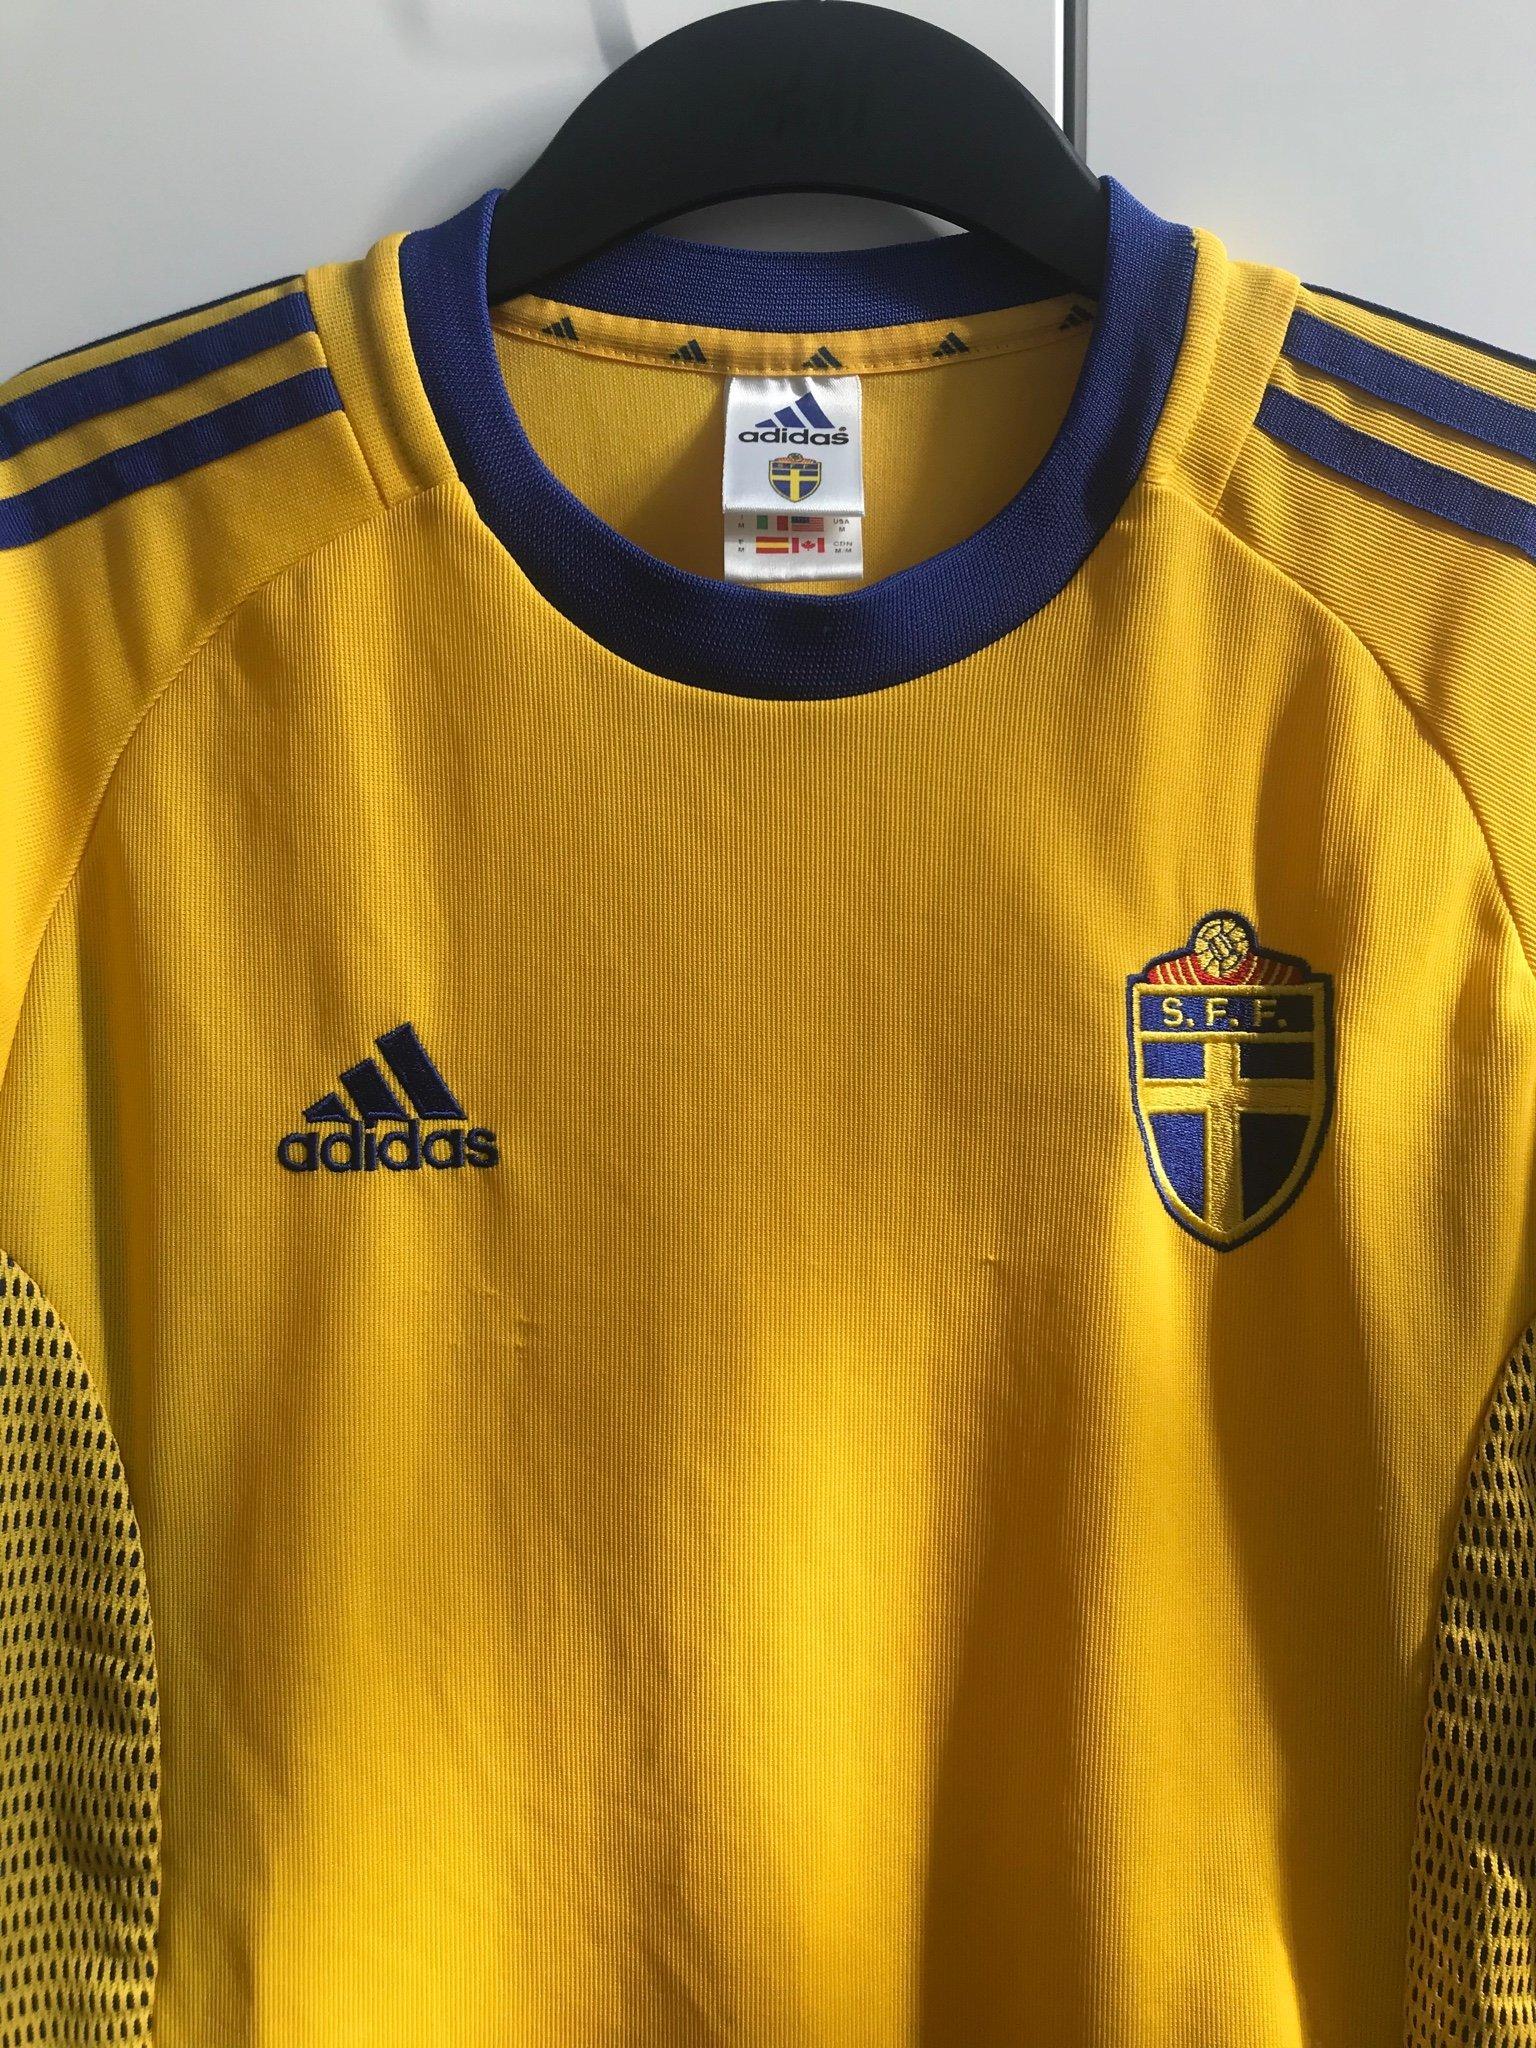 Sverige SVFF matchtröja Adidas fotbollströja (medium)